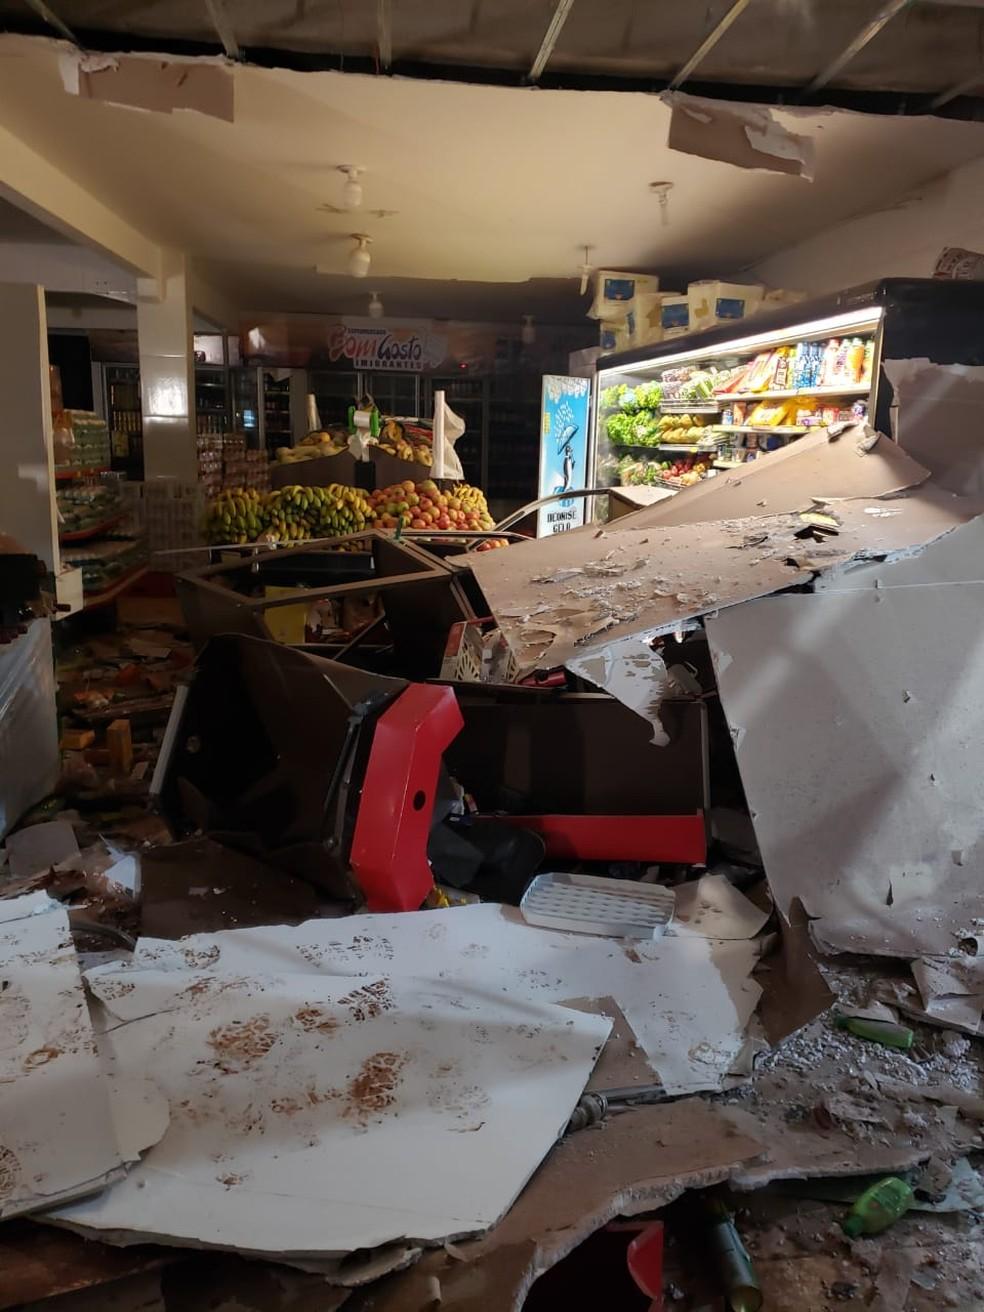 Ladrões explodiram um caixa eletrônico dentro de um supermercado na madrugada deste domingo (24) em Várzea Grande — Foto: Polícia Militar de Várzea Grande